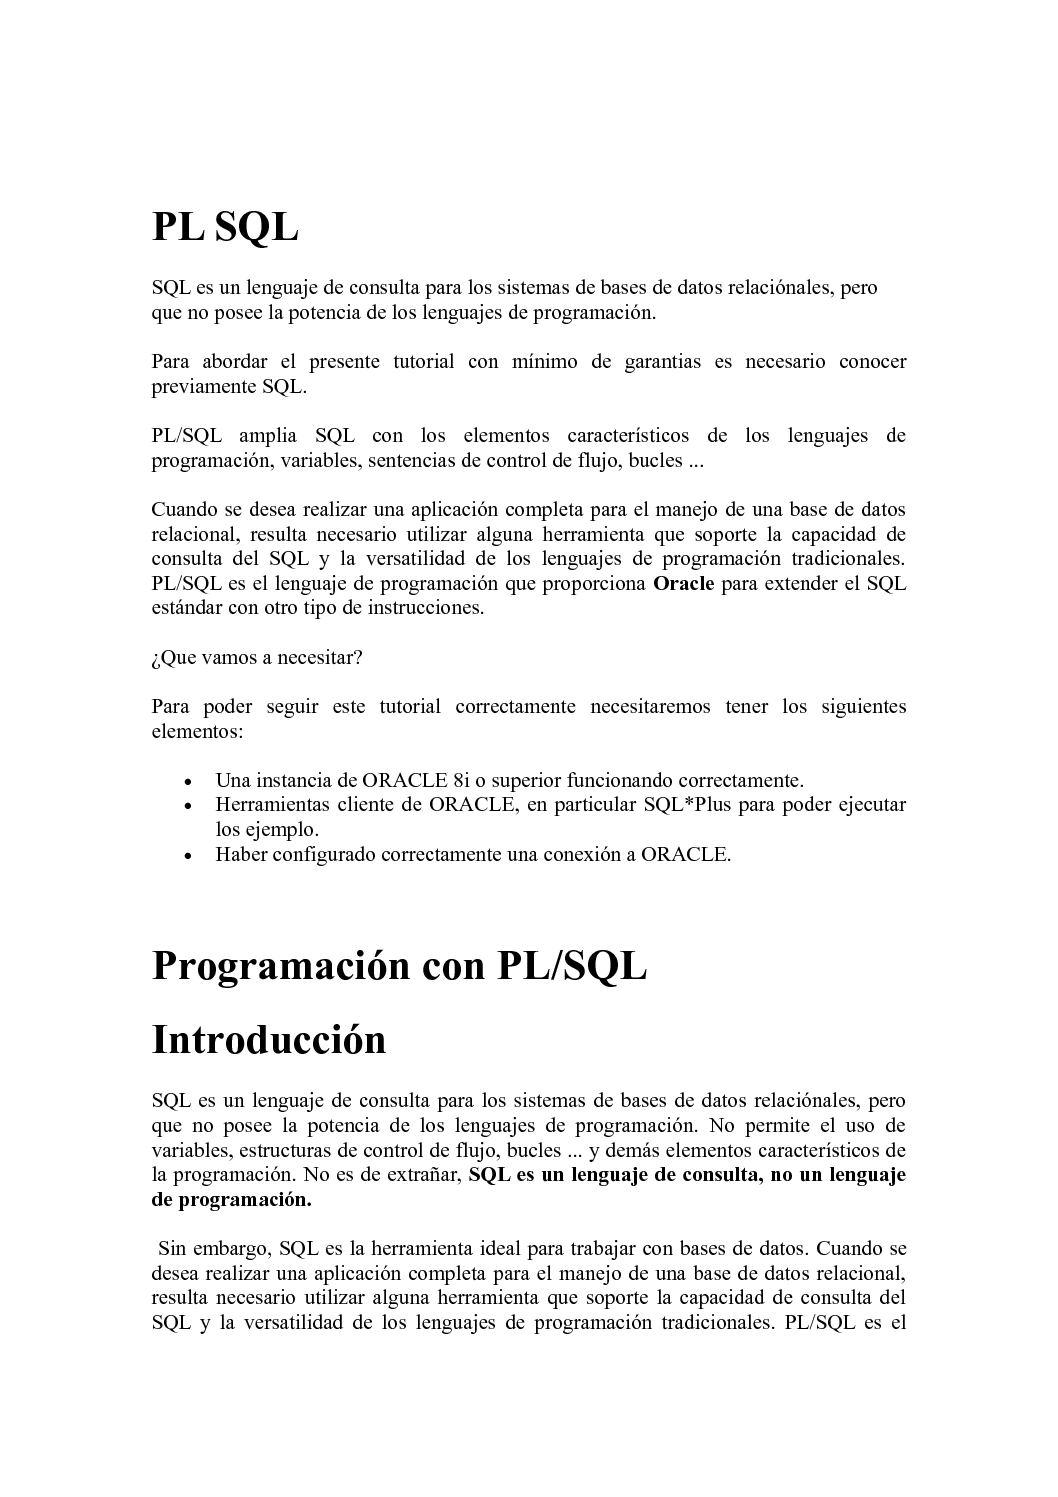 Excelente Muestra De Curriculum Vitae Para El Desarrollador Pl Sql ...